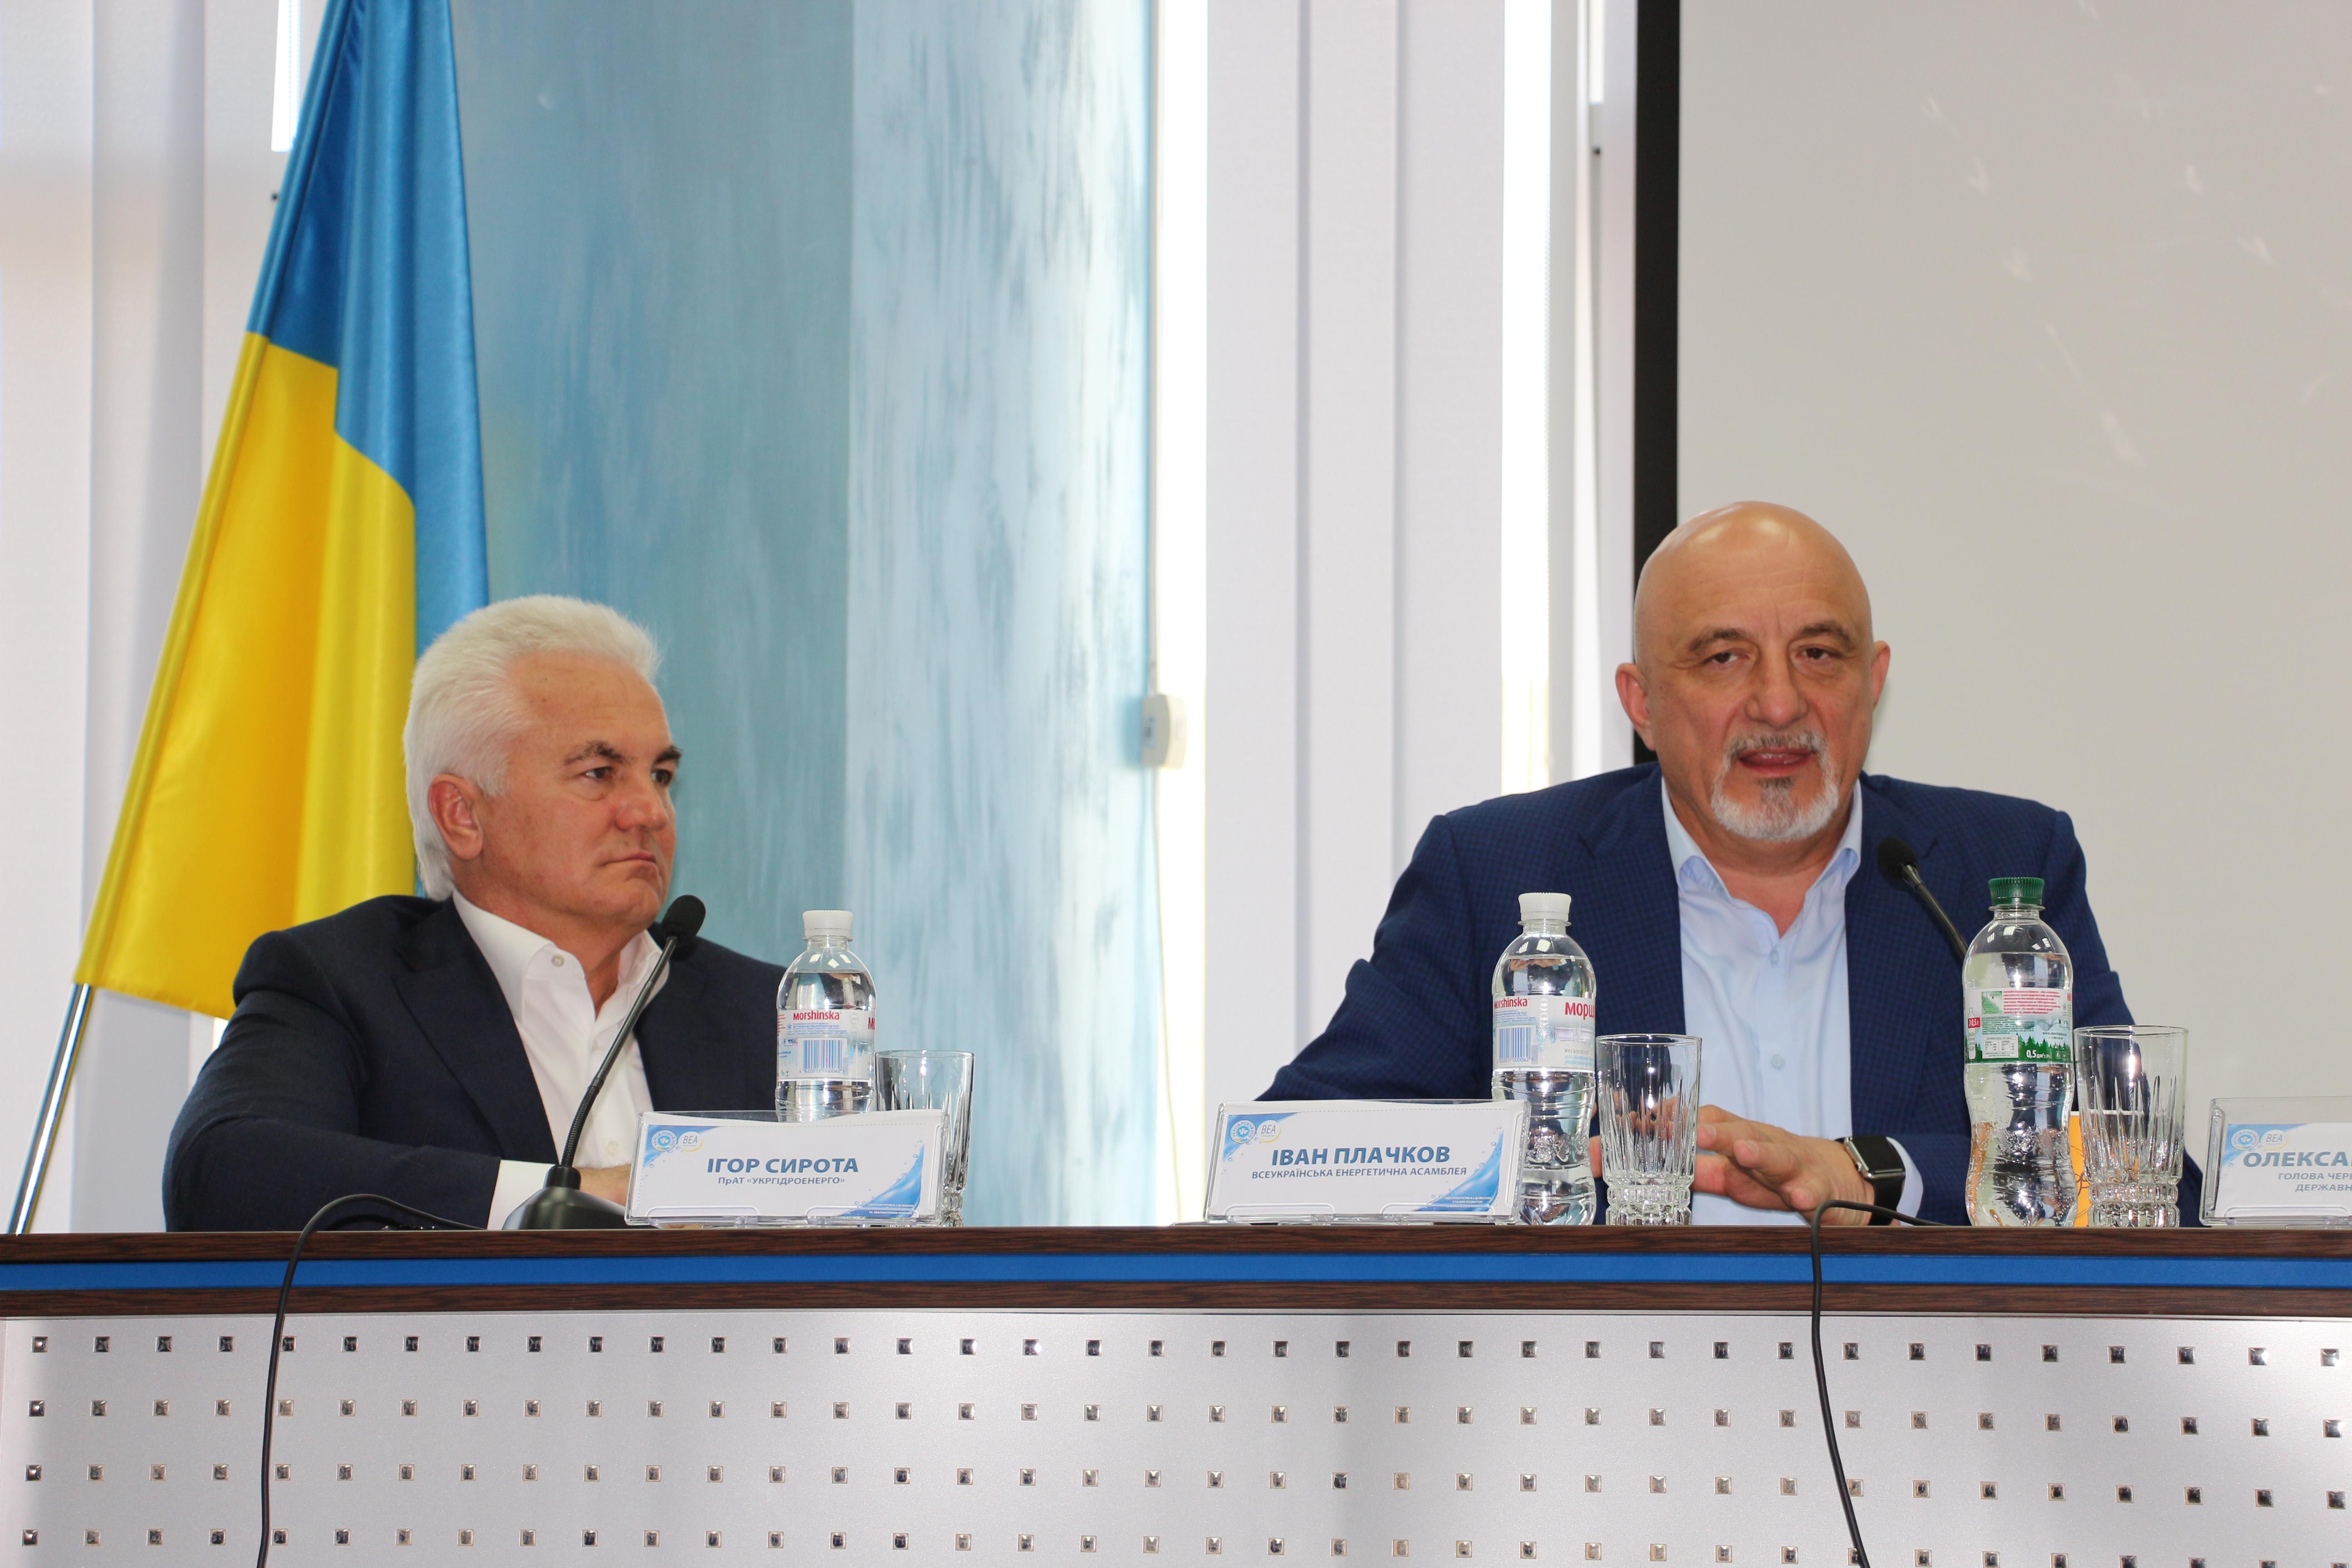 """Prezidiumul Formului: Igor Sirota, directorul general al """"Ukrhidroenergo"""" și Ivan Plachkov, ex-ministru al Energiei, astăzi șeful Asambleei Ucrainene pentru Energie (organizatorul Forumului)"""